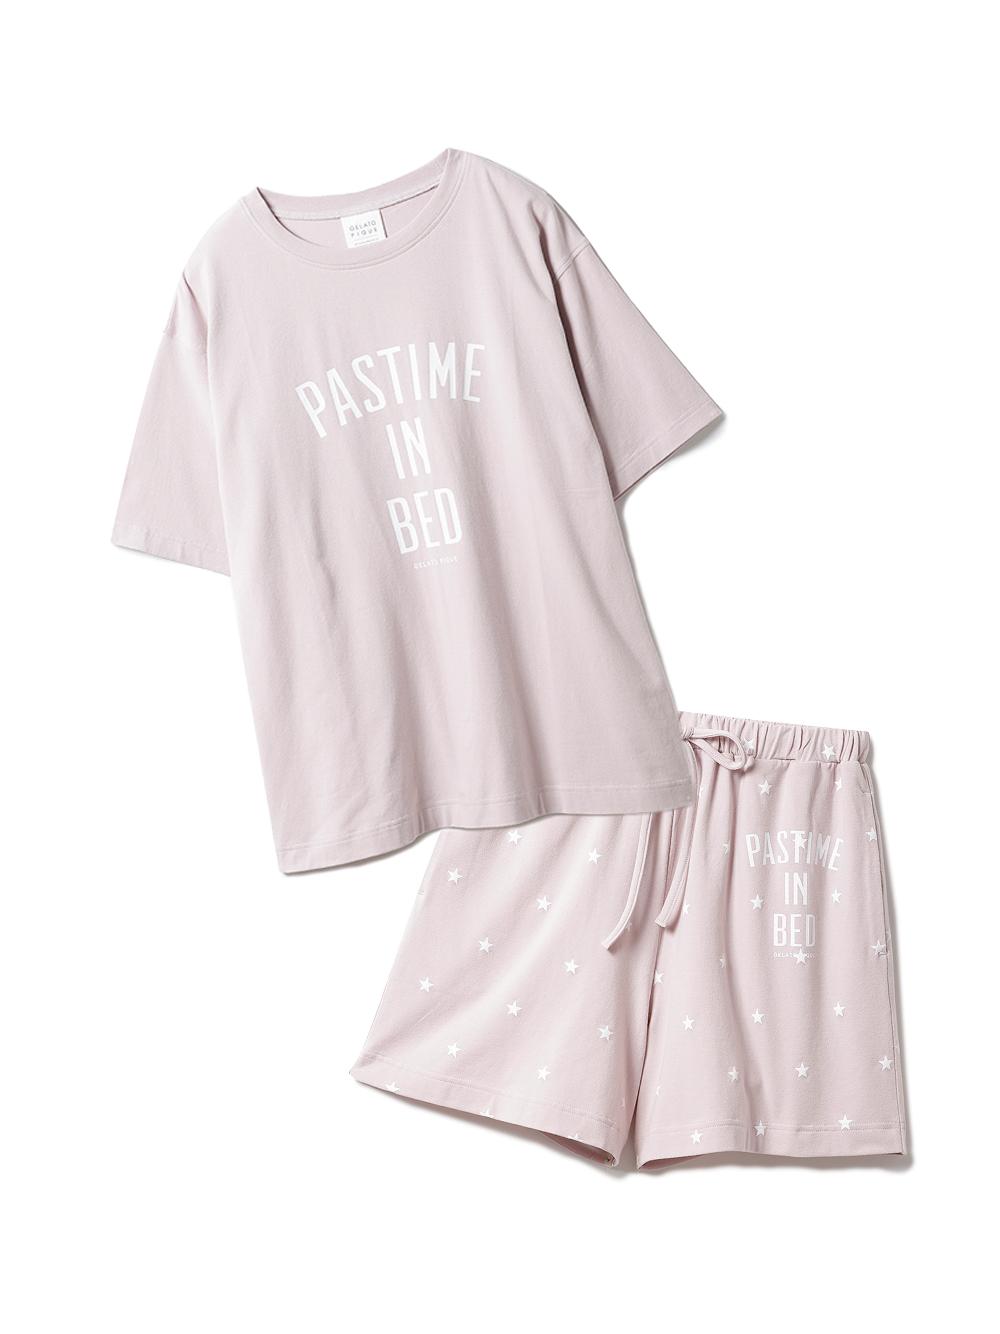 【ラッピング】ロゴスター柄ワンポイントTシャツ&ショートパンツSET(PNK-F)